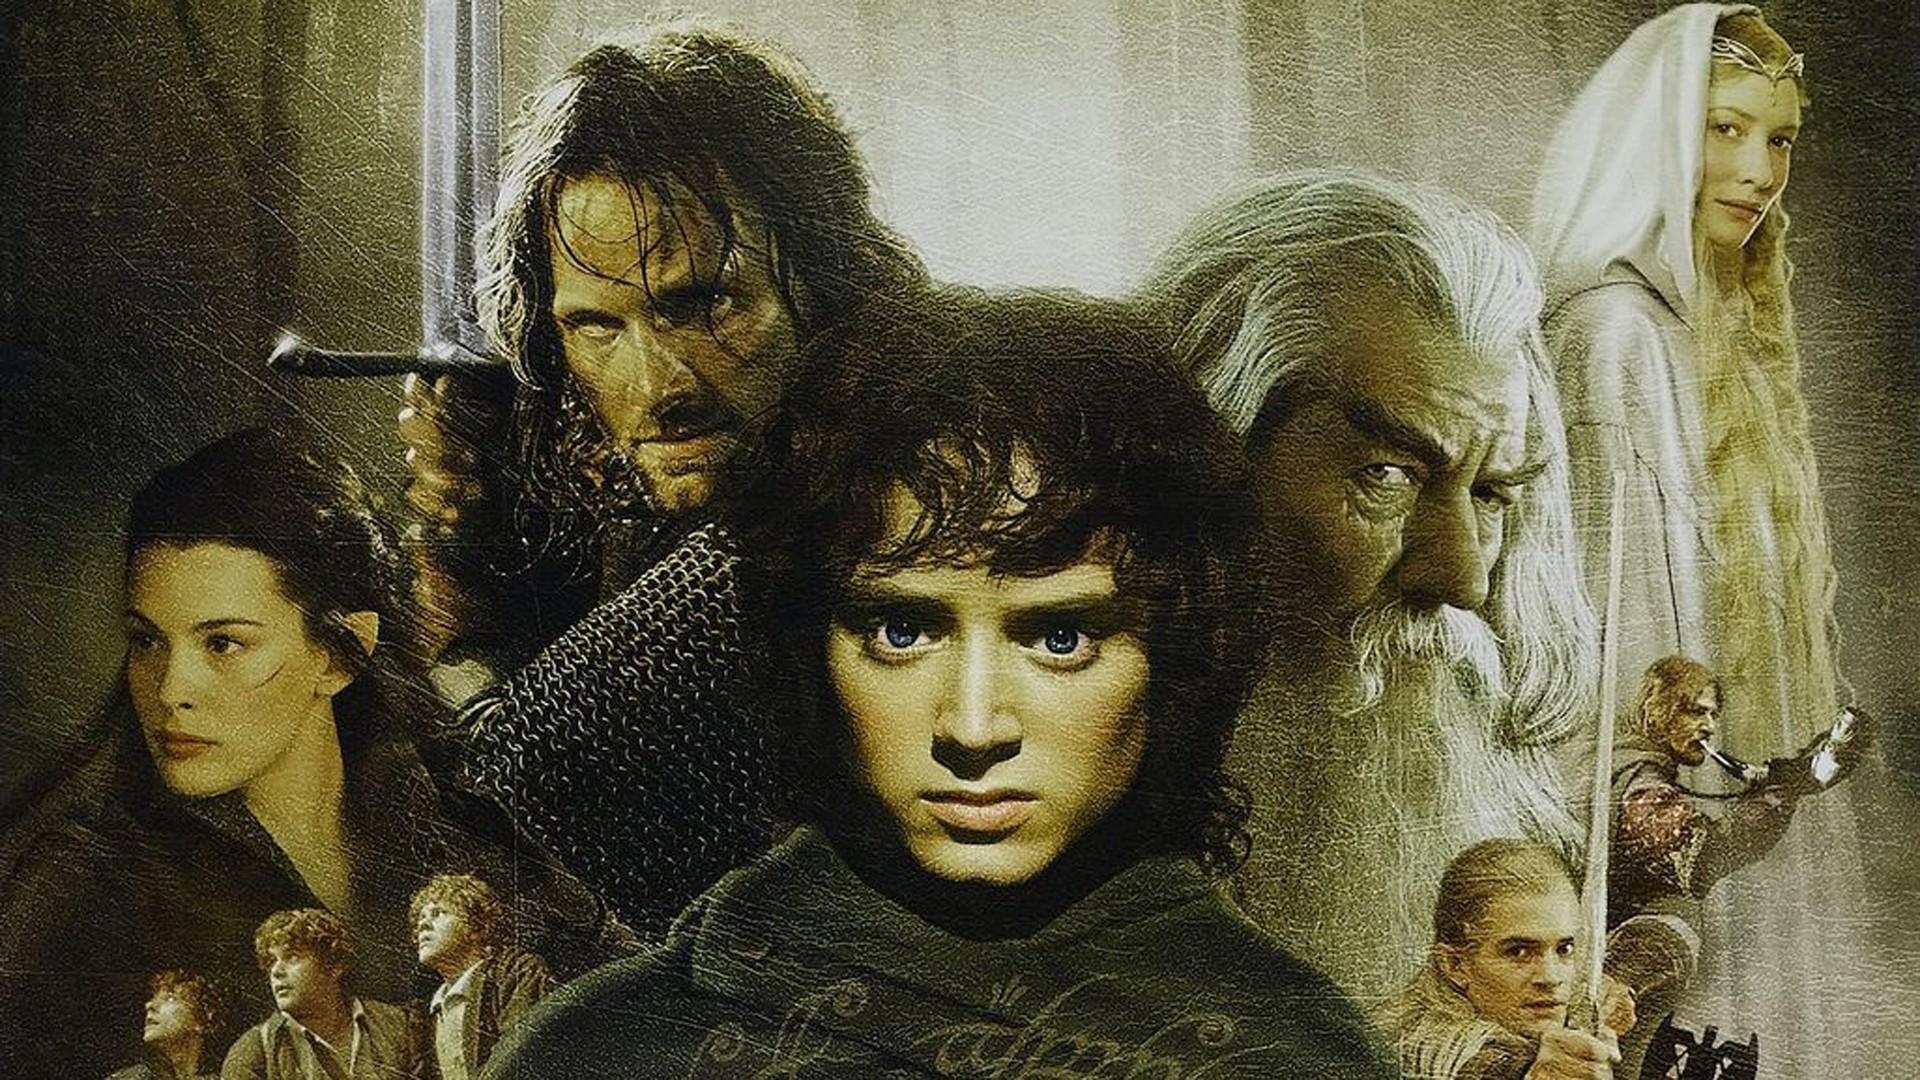 lord of the rings wallpaper desktop